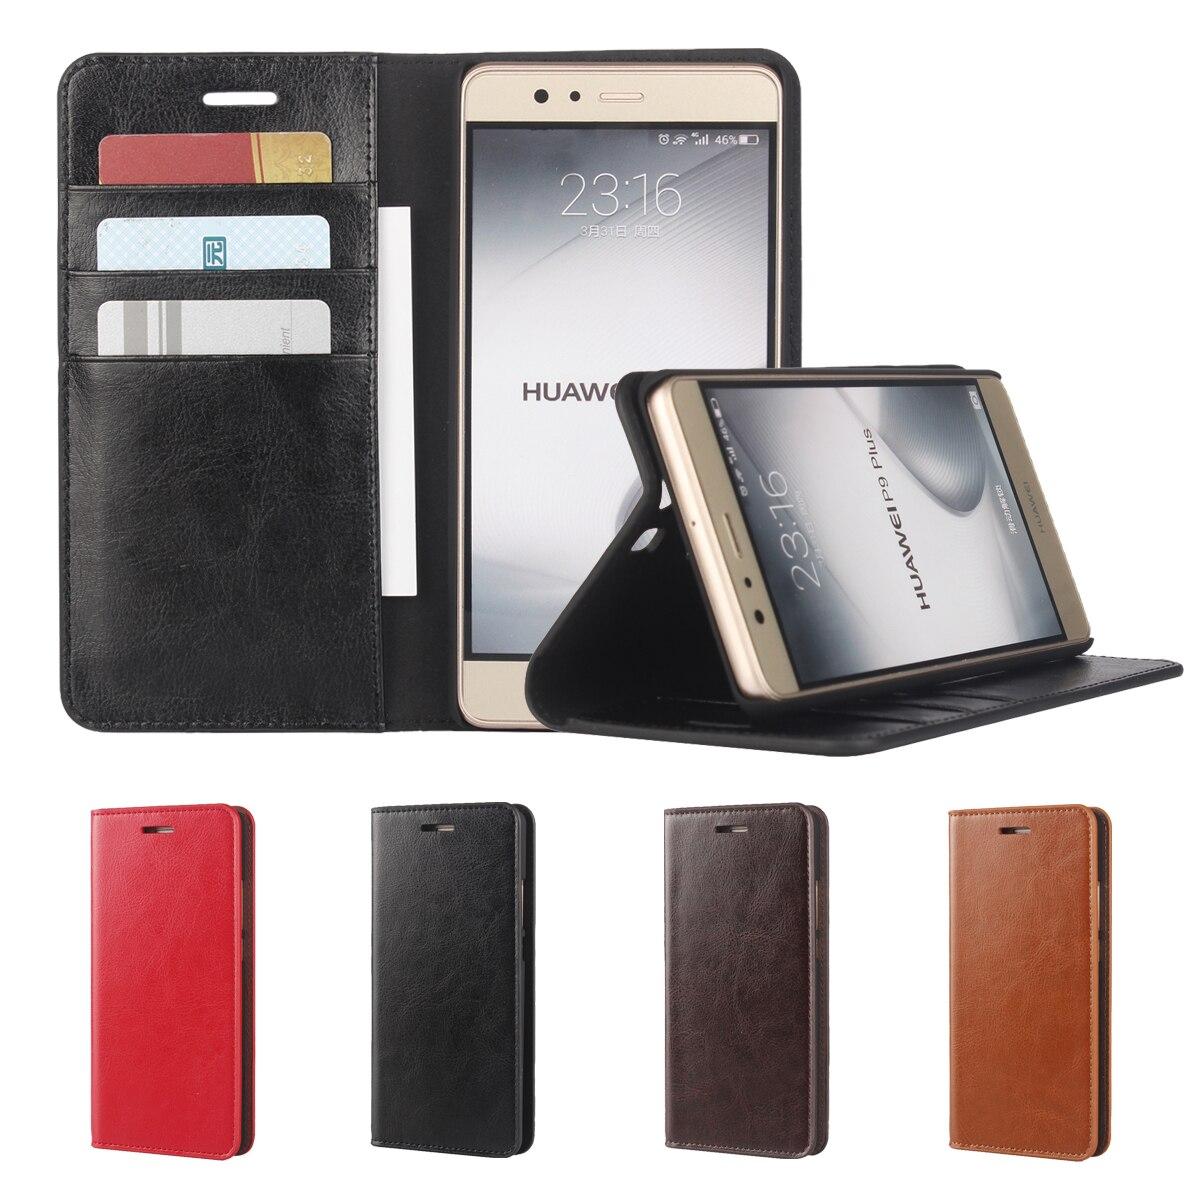 imágenes para De lujo Caja de la Carpeta Para Huawei Ascend Caso Huawei P9 P9, Además de la prima de cuero Plus Cubierta Del Teléfono Del Tirón Bolsas